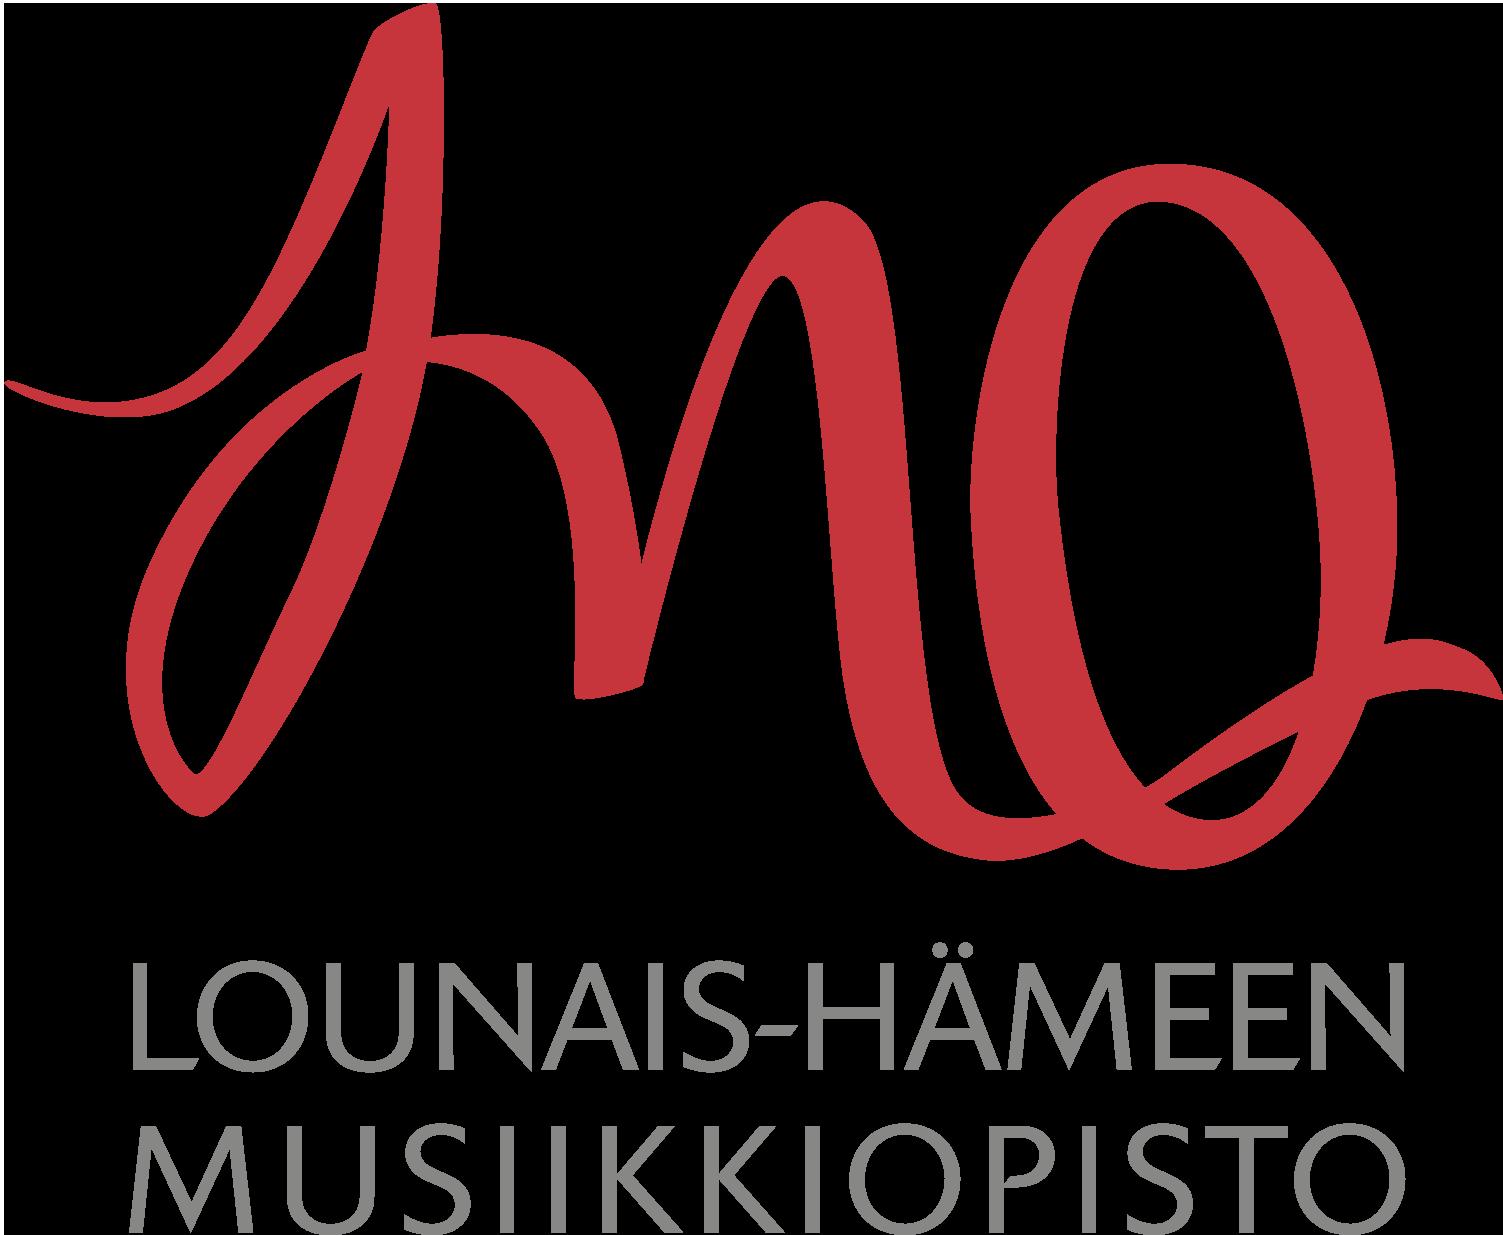 Lounais-Hämeen musiikkiopisto